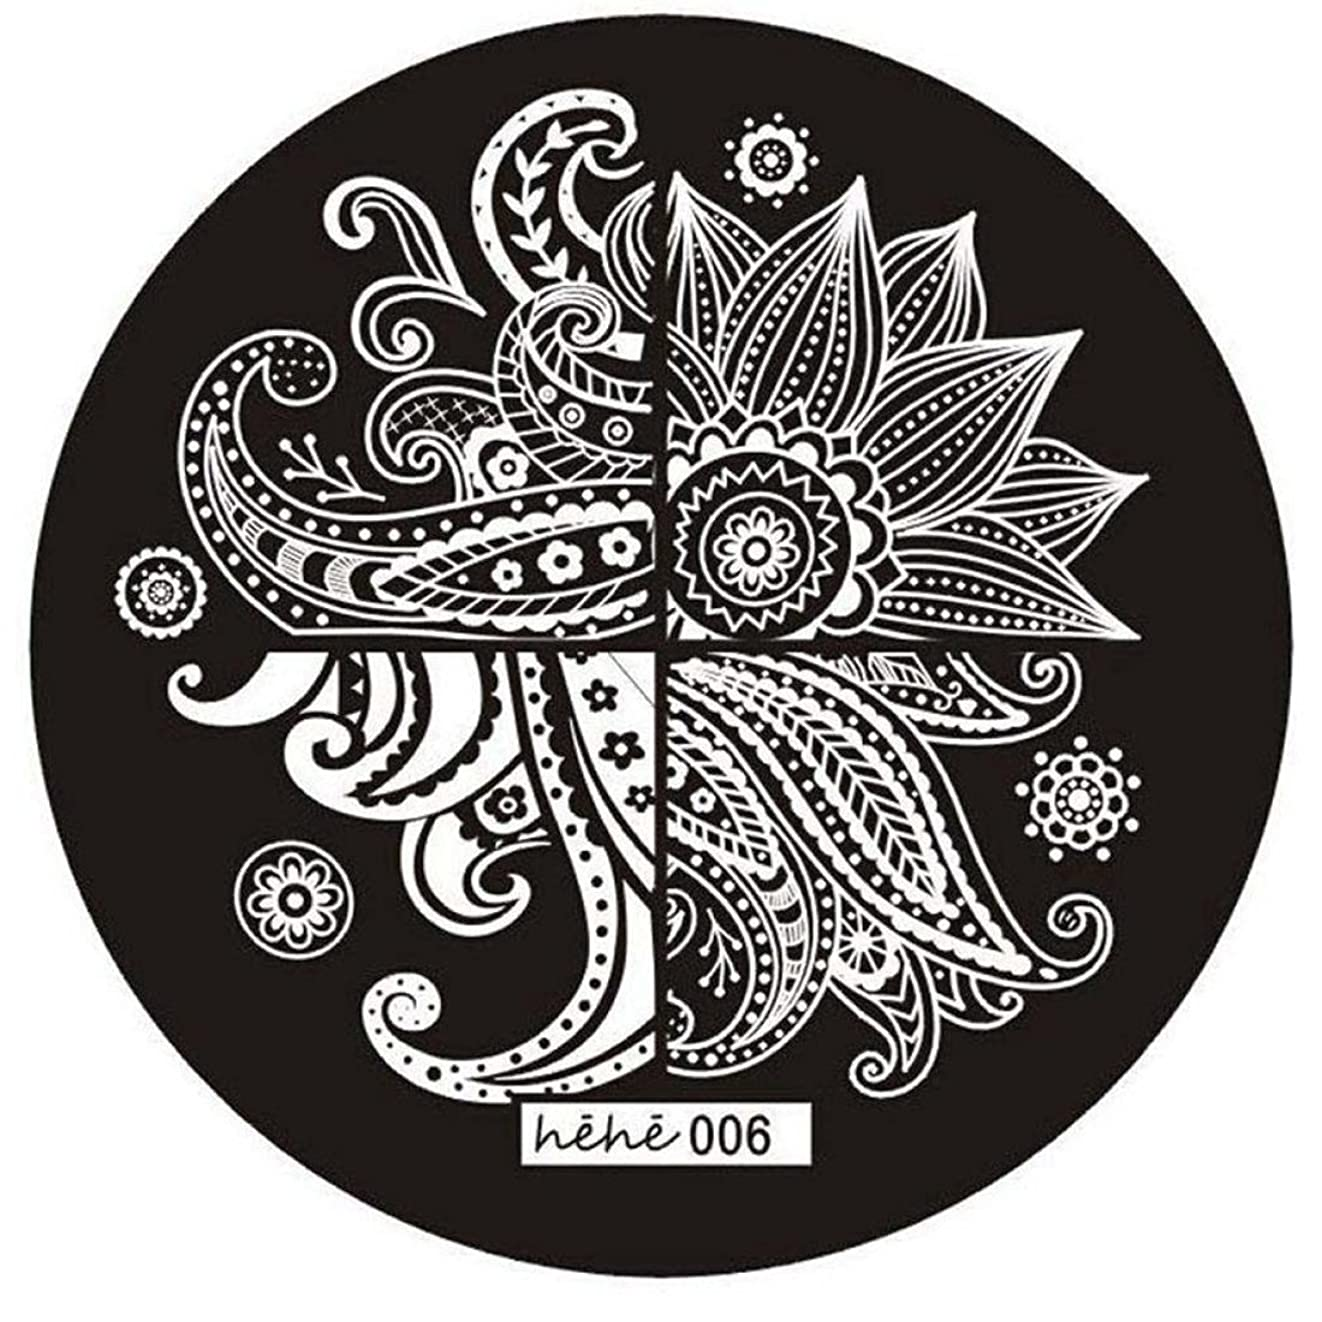 振り返る極小想像力ACAMPTAR 女の子のネイルアートパターンのイメージスタンプ プレートテンプレートマニキュア006